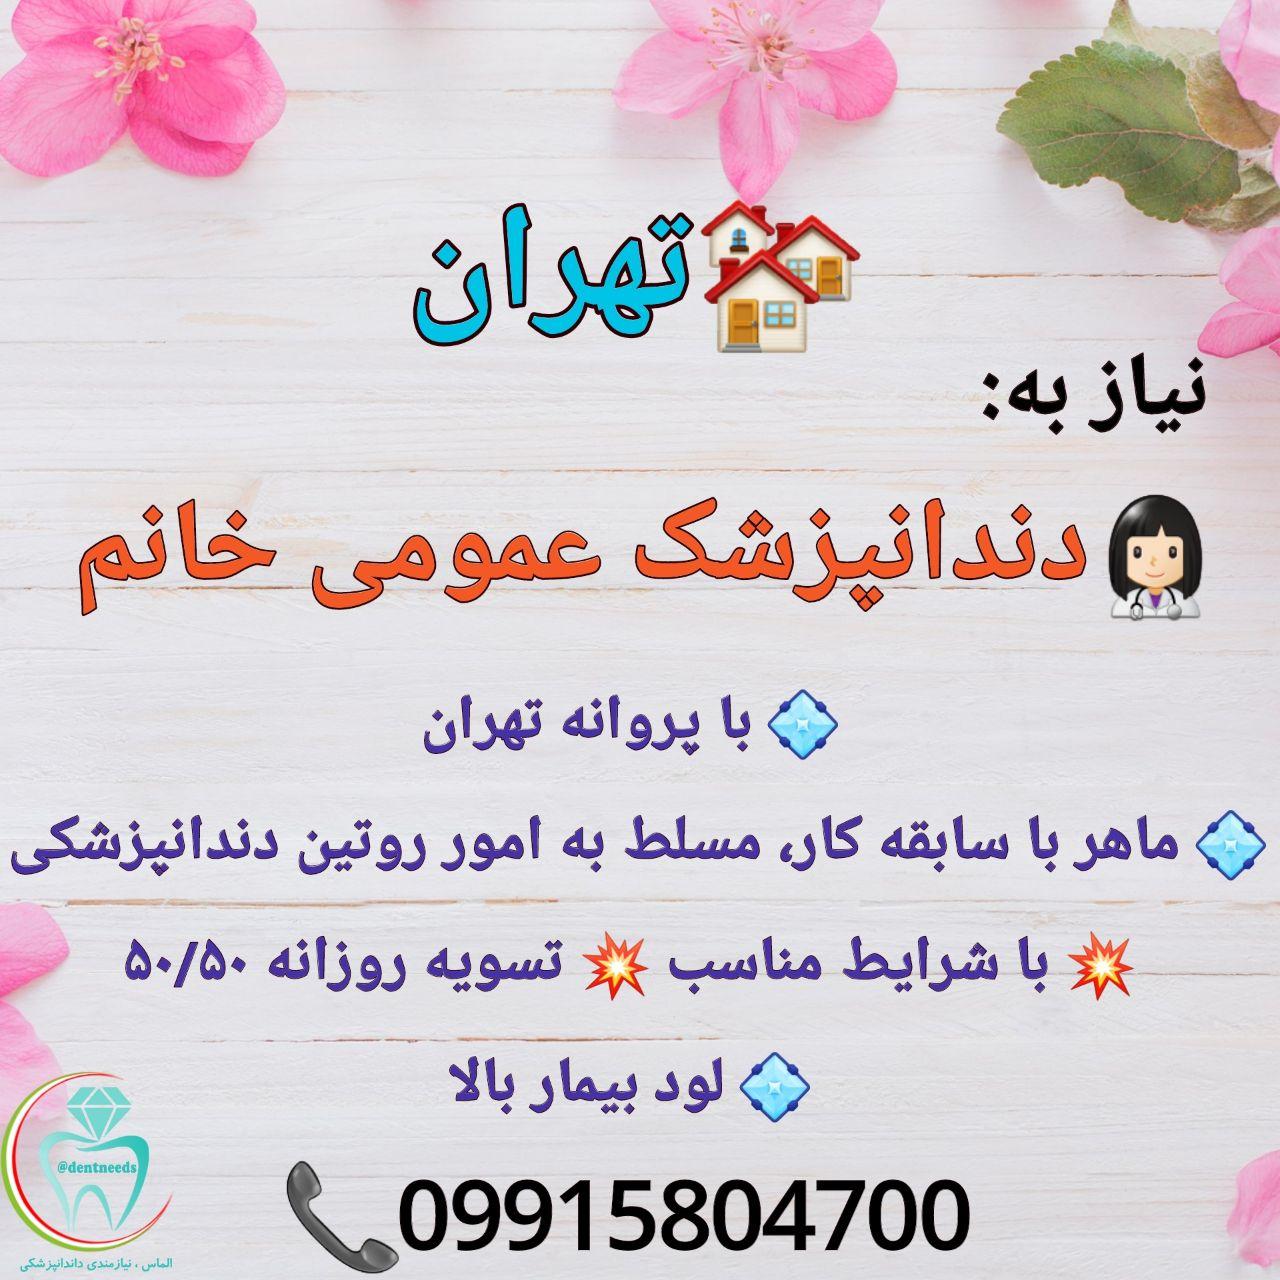 تهران: نیاز به دندانپزشک عمومی خانم